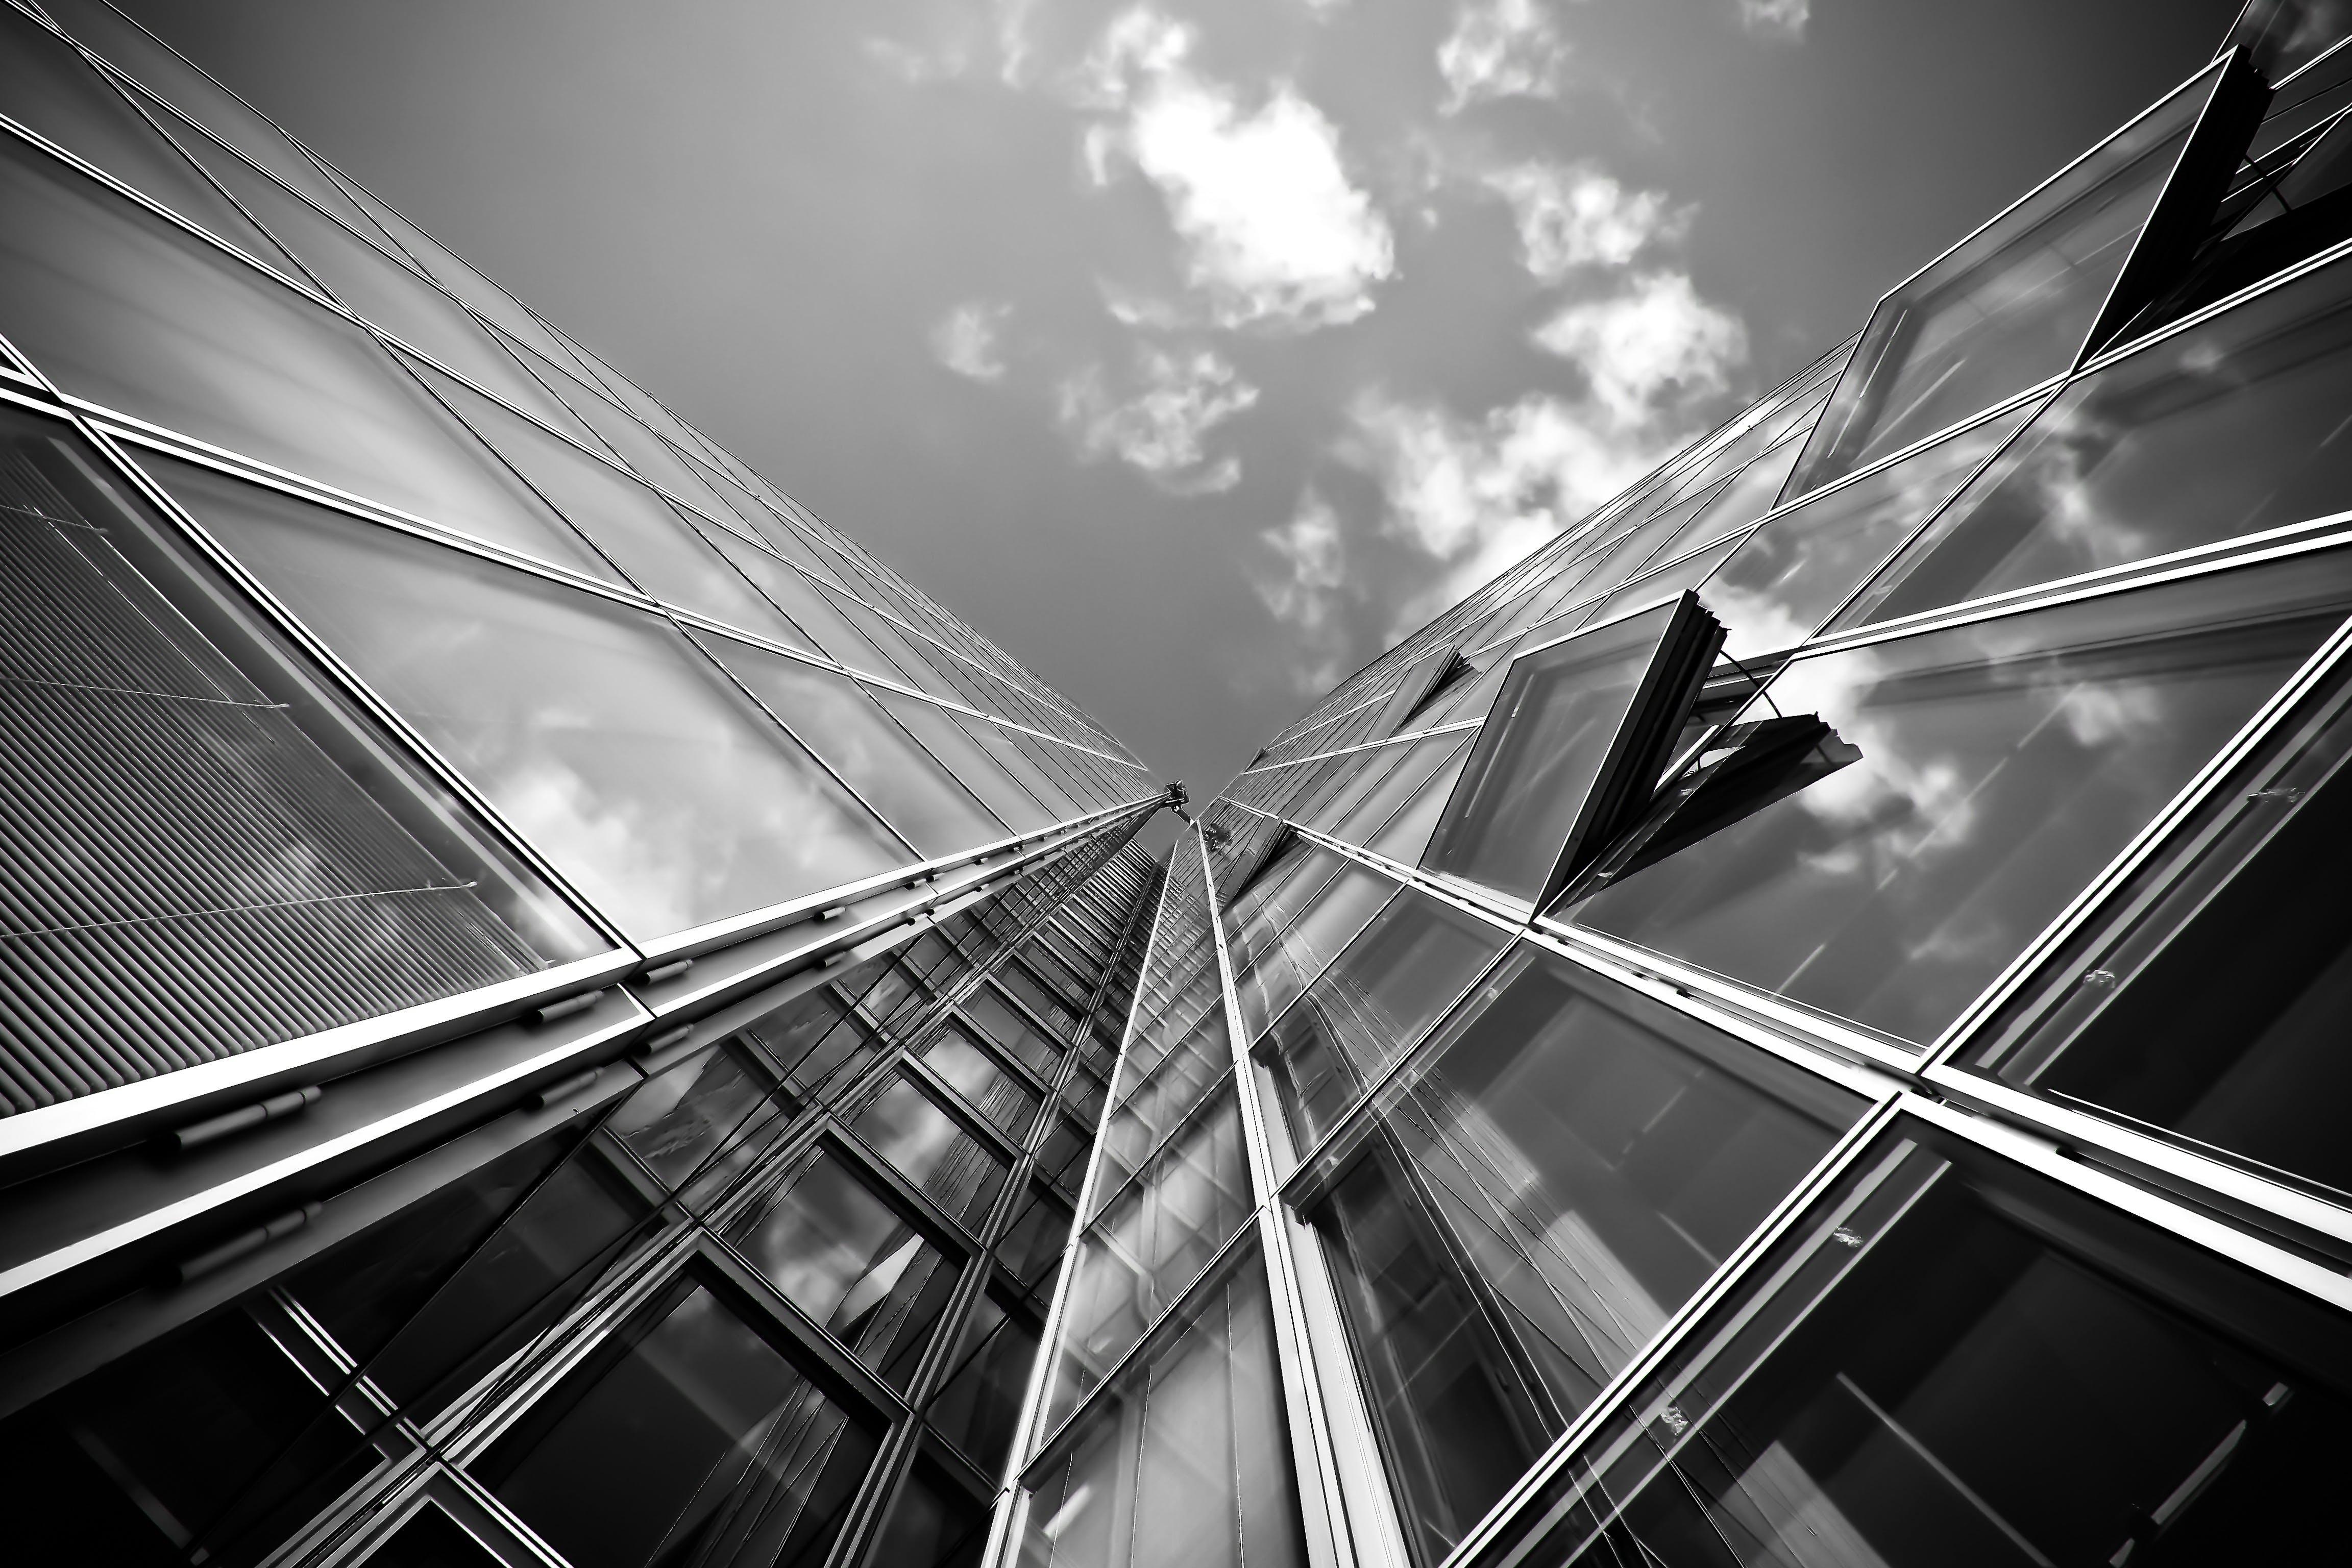 Kostenloses Stock Foto zu schwarz und weiß, glas, architektur, reflektierung